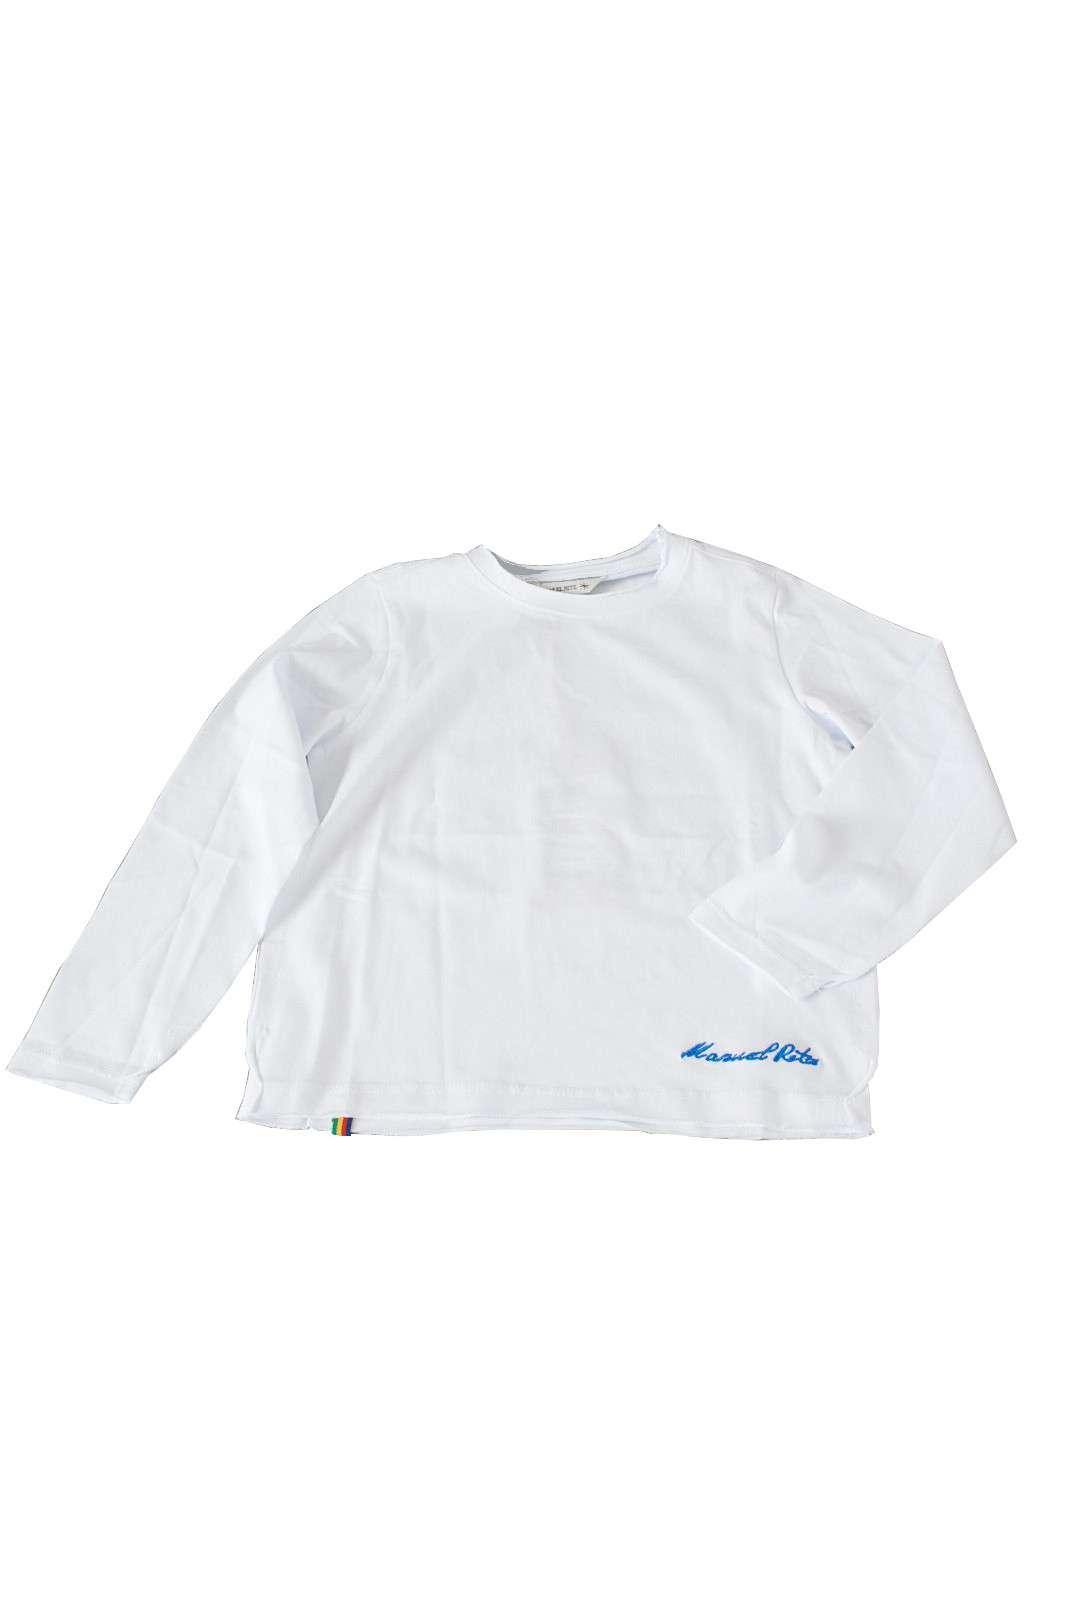 Maglia da bambino in 100% Cotone firmata Manuel Ritz. Un essential in ogni guardaroba è versatile per ogni tipo di outfit, ideale da indossare sotto maglioni o felpe ti terrà caldo nella stagione fredda.